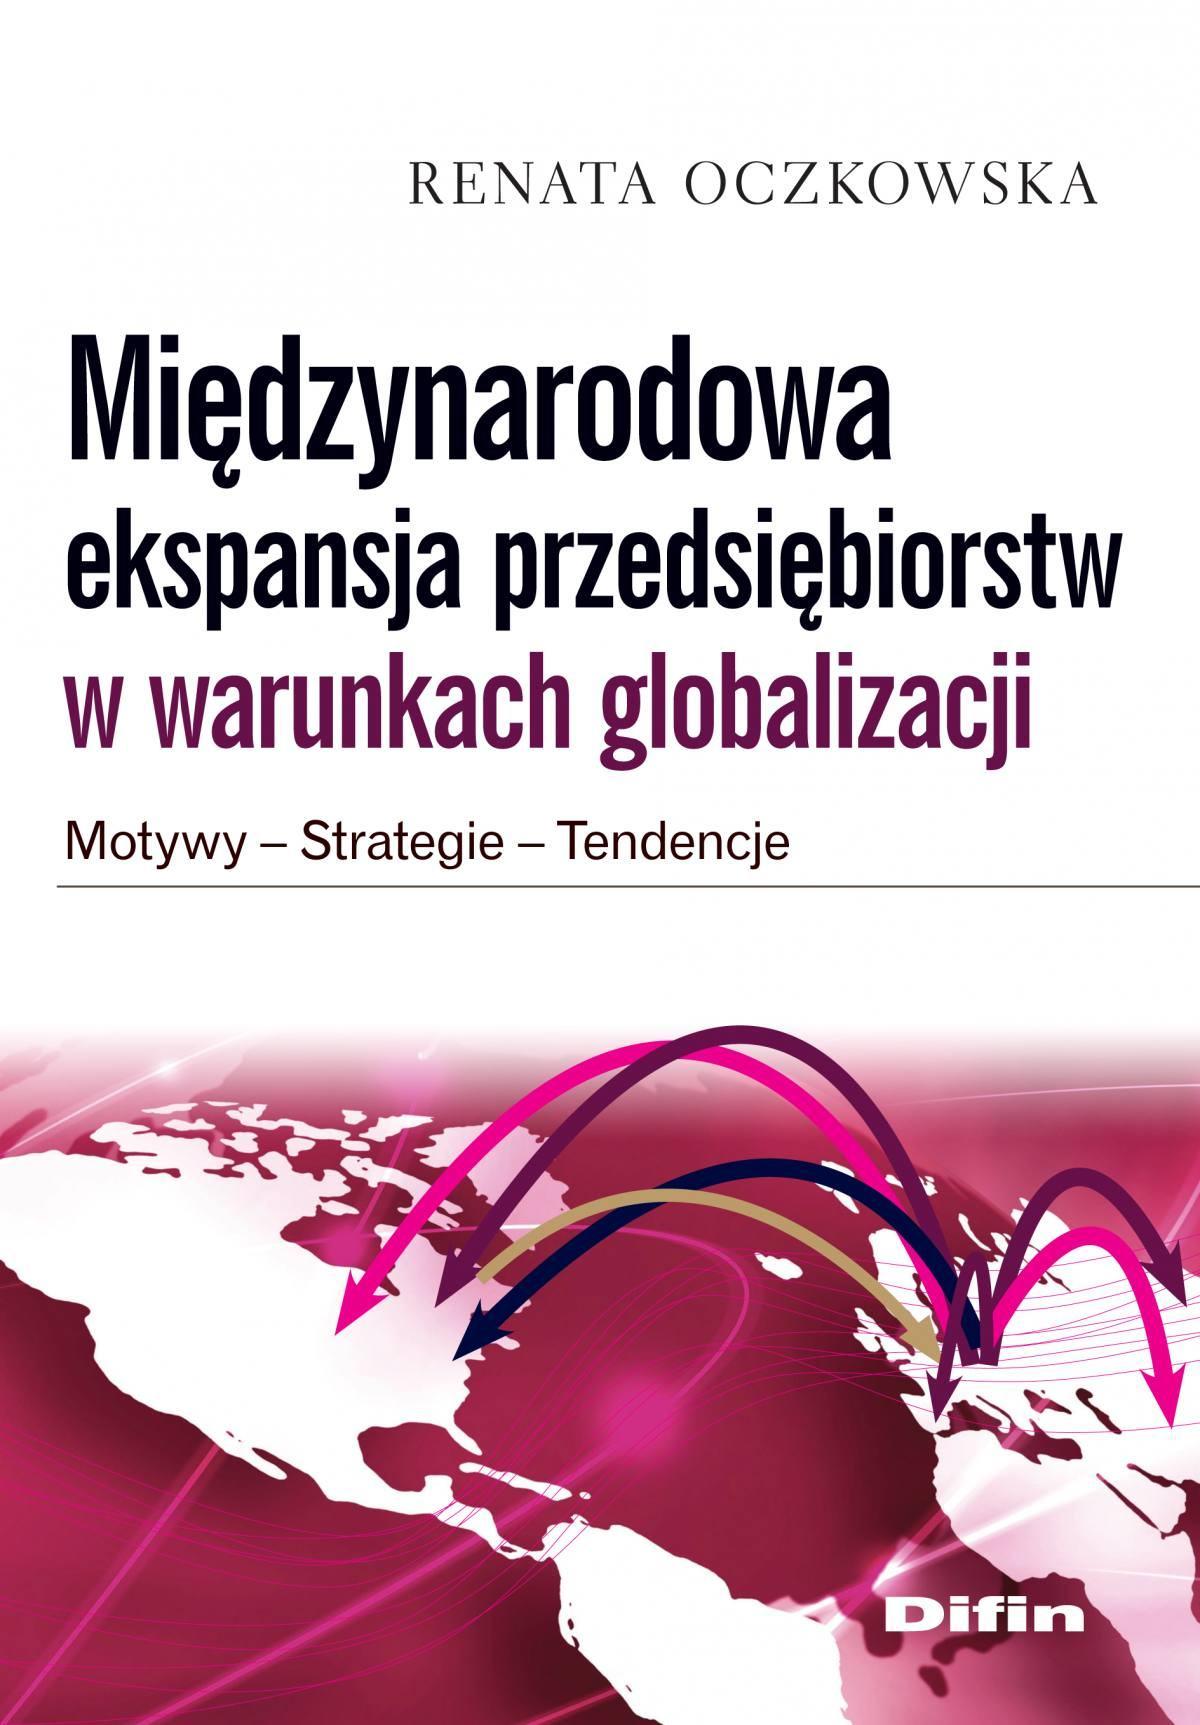 Międzynarodowa ekspansja przedsiębiorstw w warunkach globalizacji. Motywy, strategie, tendencje - Ebook (Książka na Kindle) do pobrania w formacie MOBI